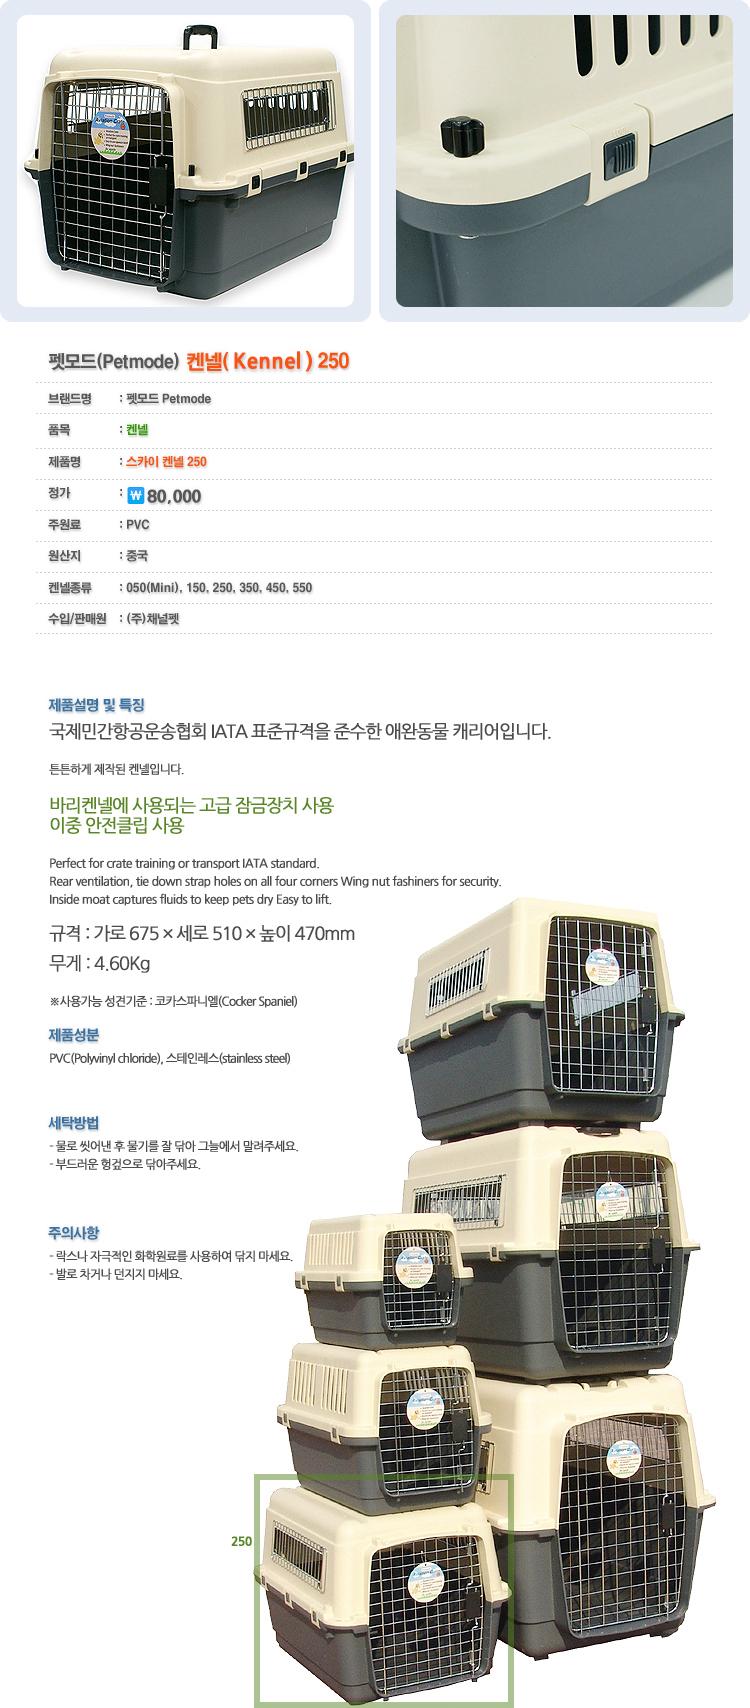 펫모드 스카이켄넬250 - 펫모드, 84,550원, 이동장/리드줄/야외용품, 이동가방